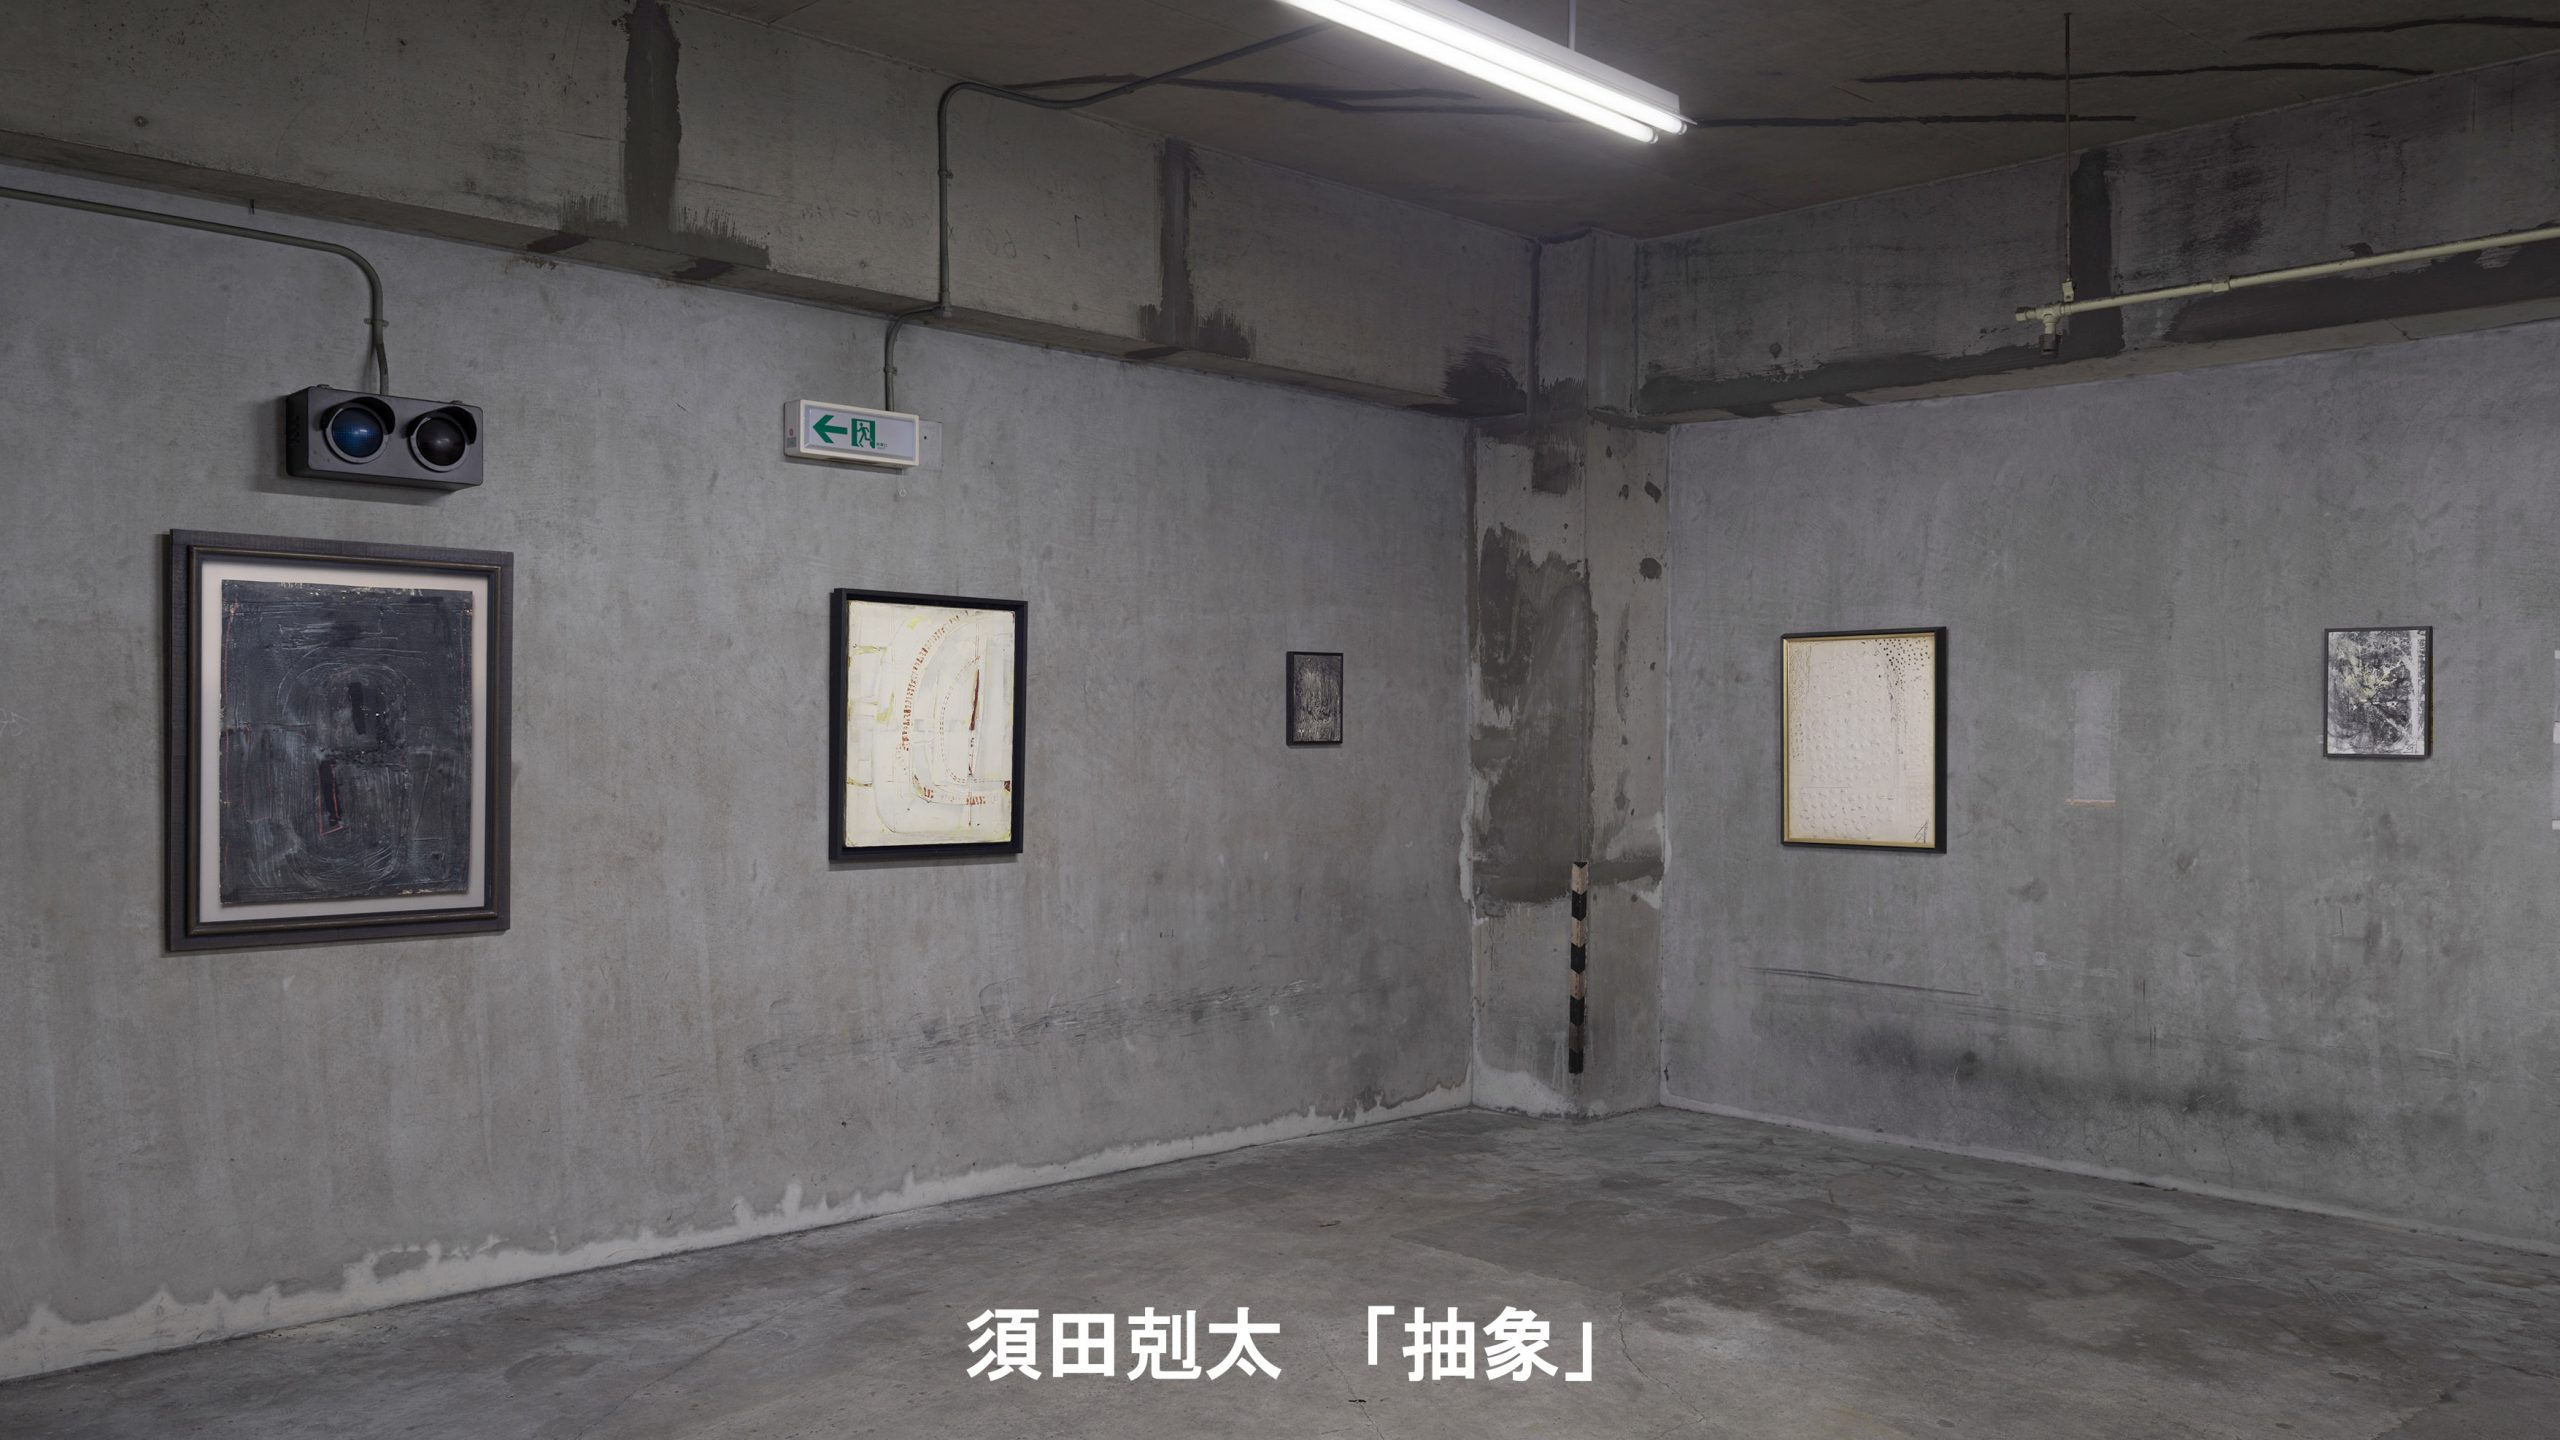 須田剋太 抽象